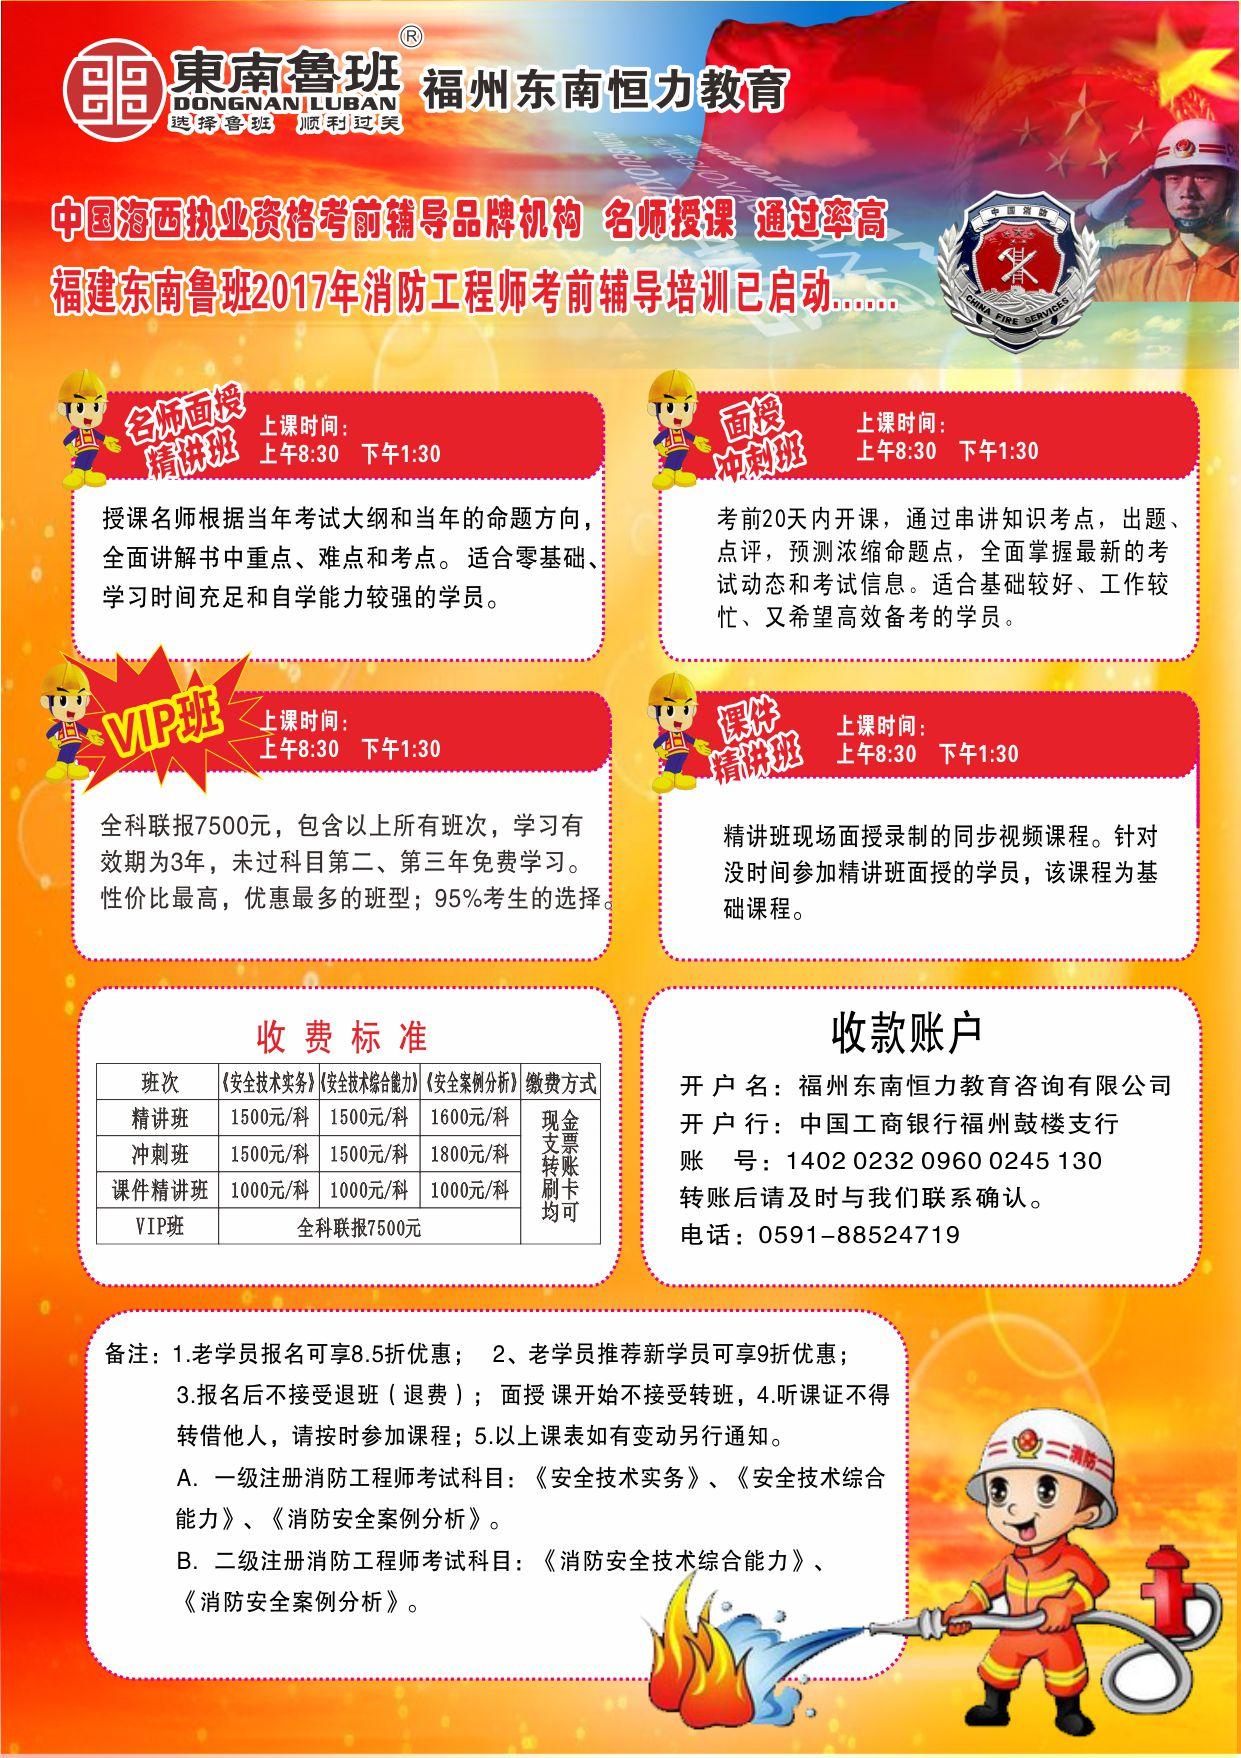 東南魯班2017年消防項目单1.jpg